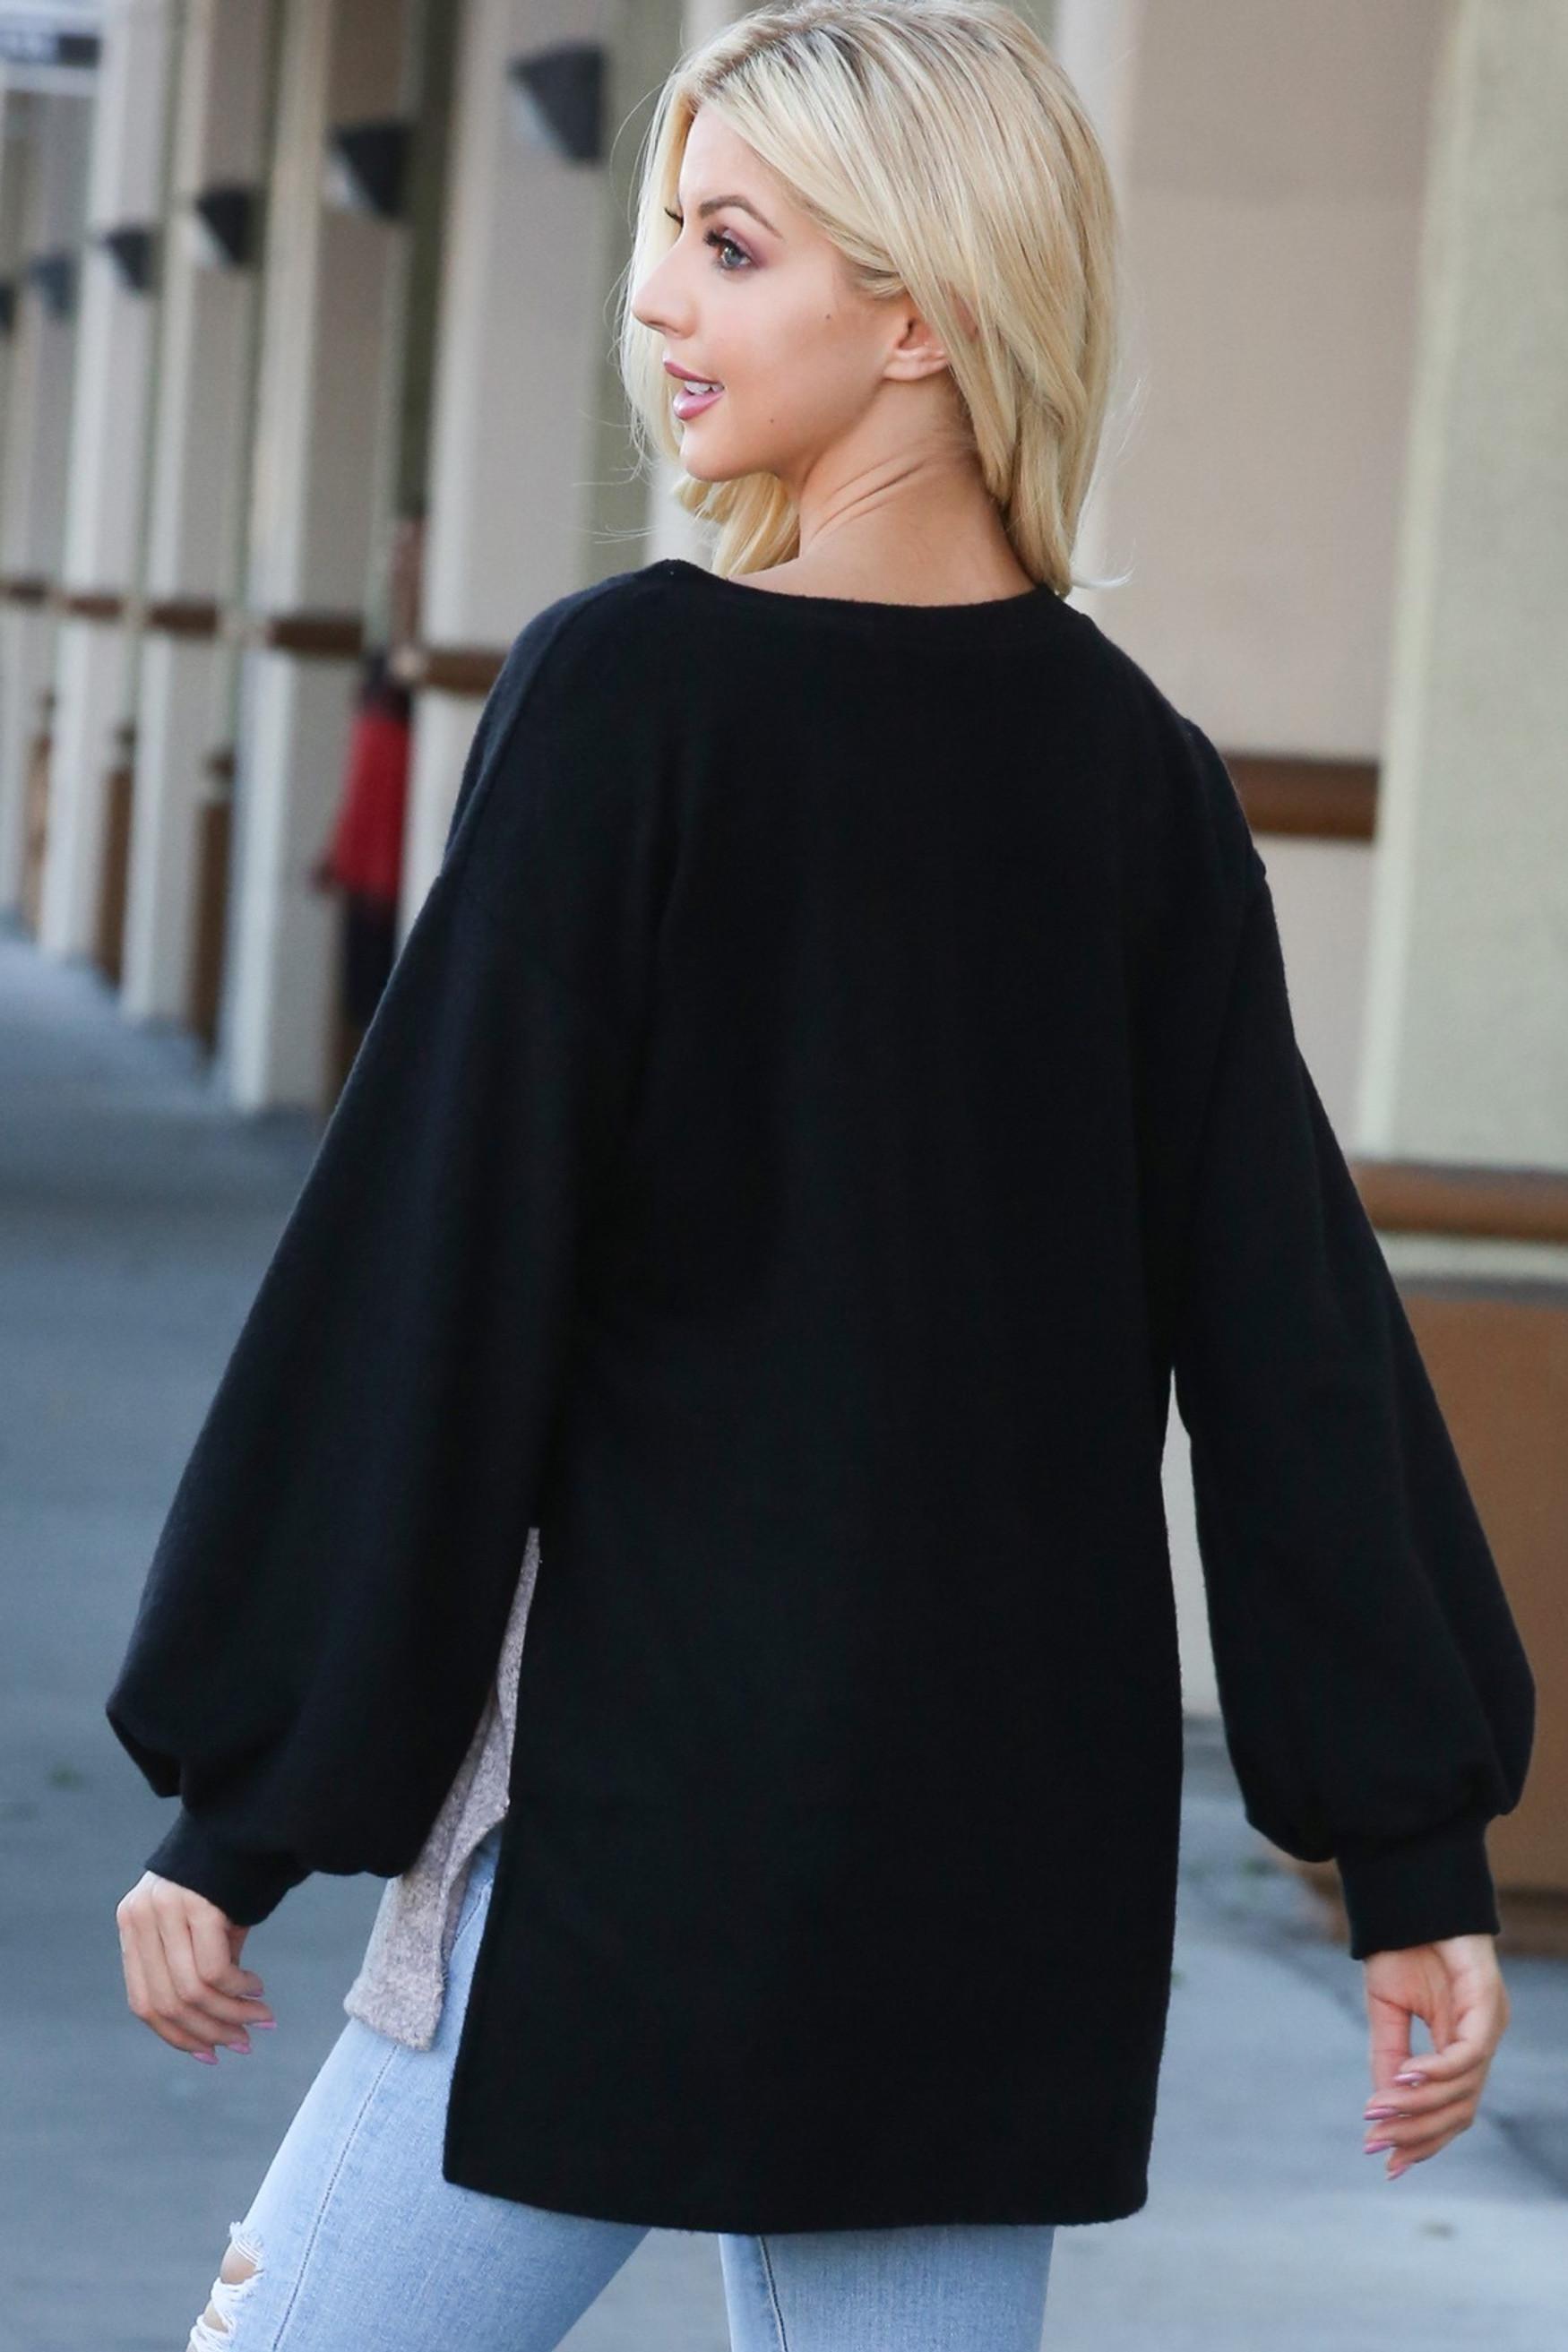 Black Hi-Low Color Blocked Long Sleeve Top